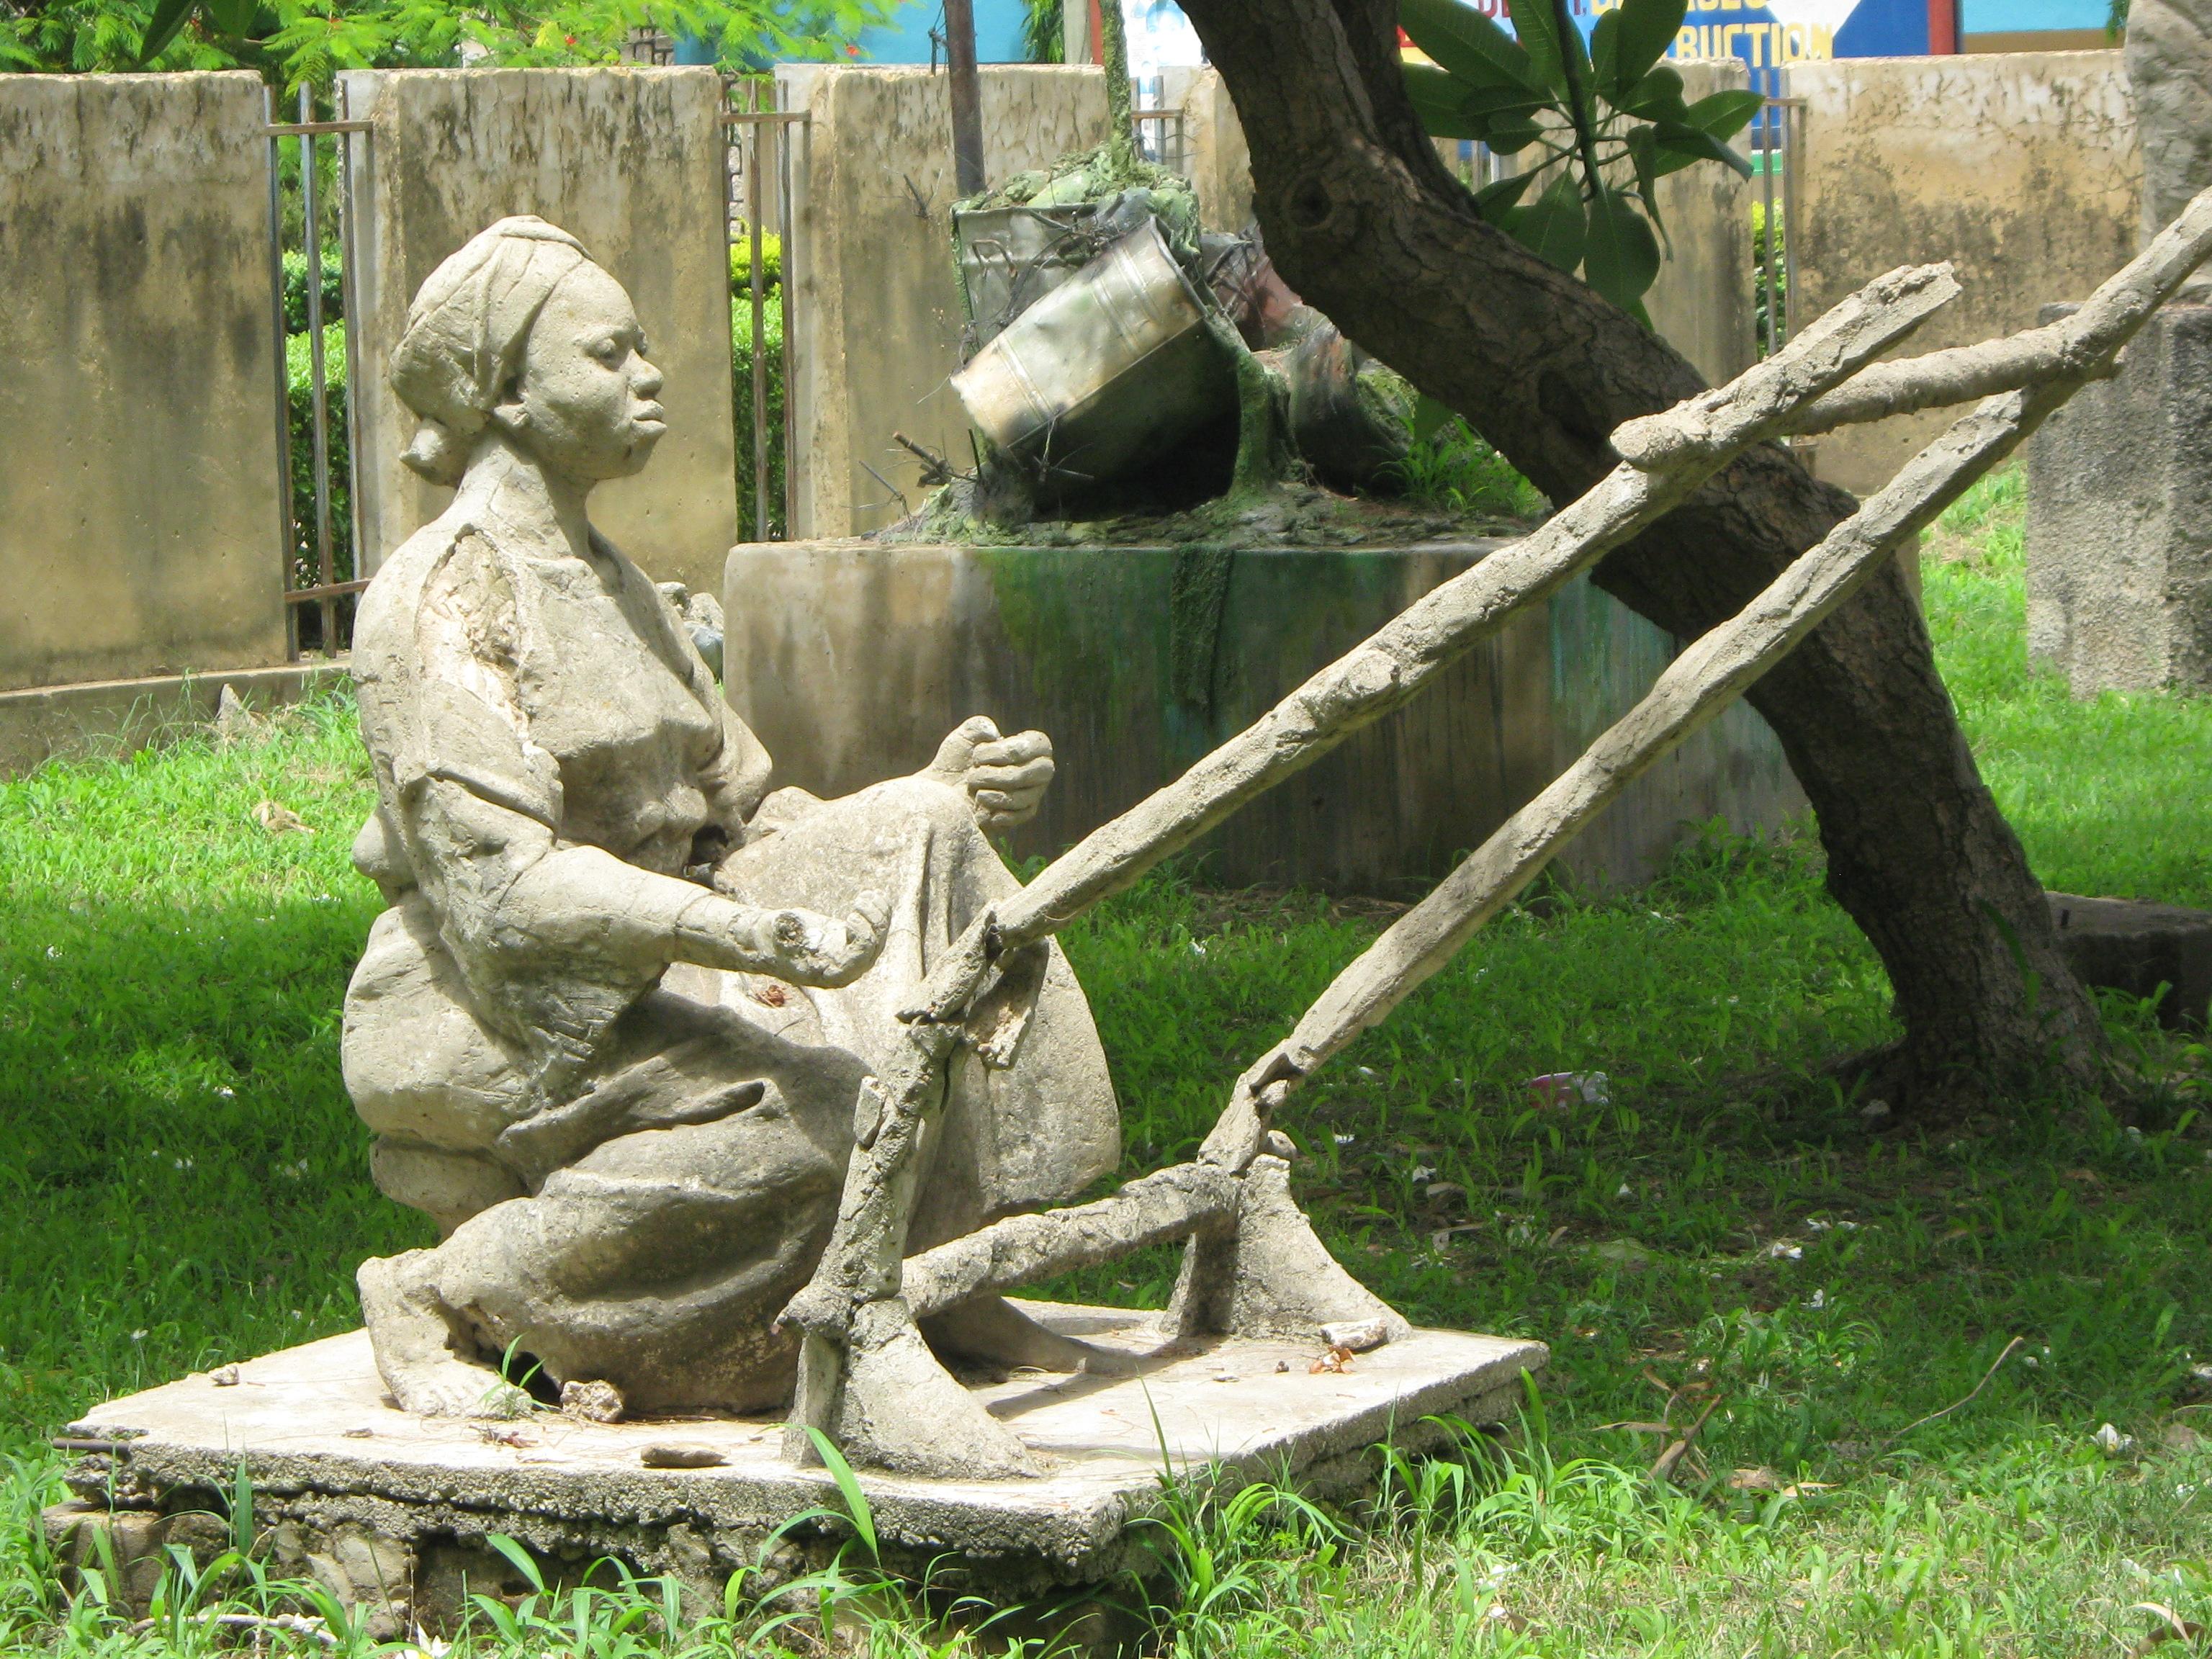 The Sculpture Garden A Cultural Resource Factor In ABU, Zaria